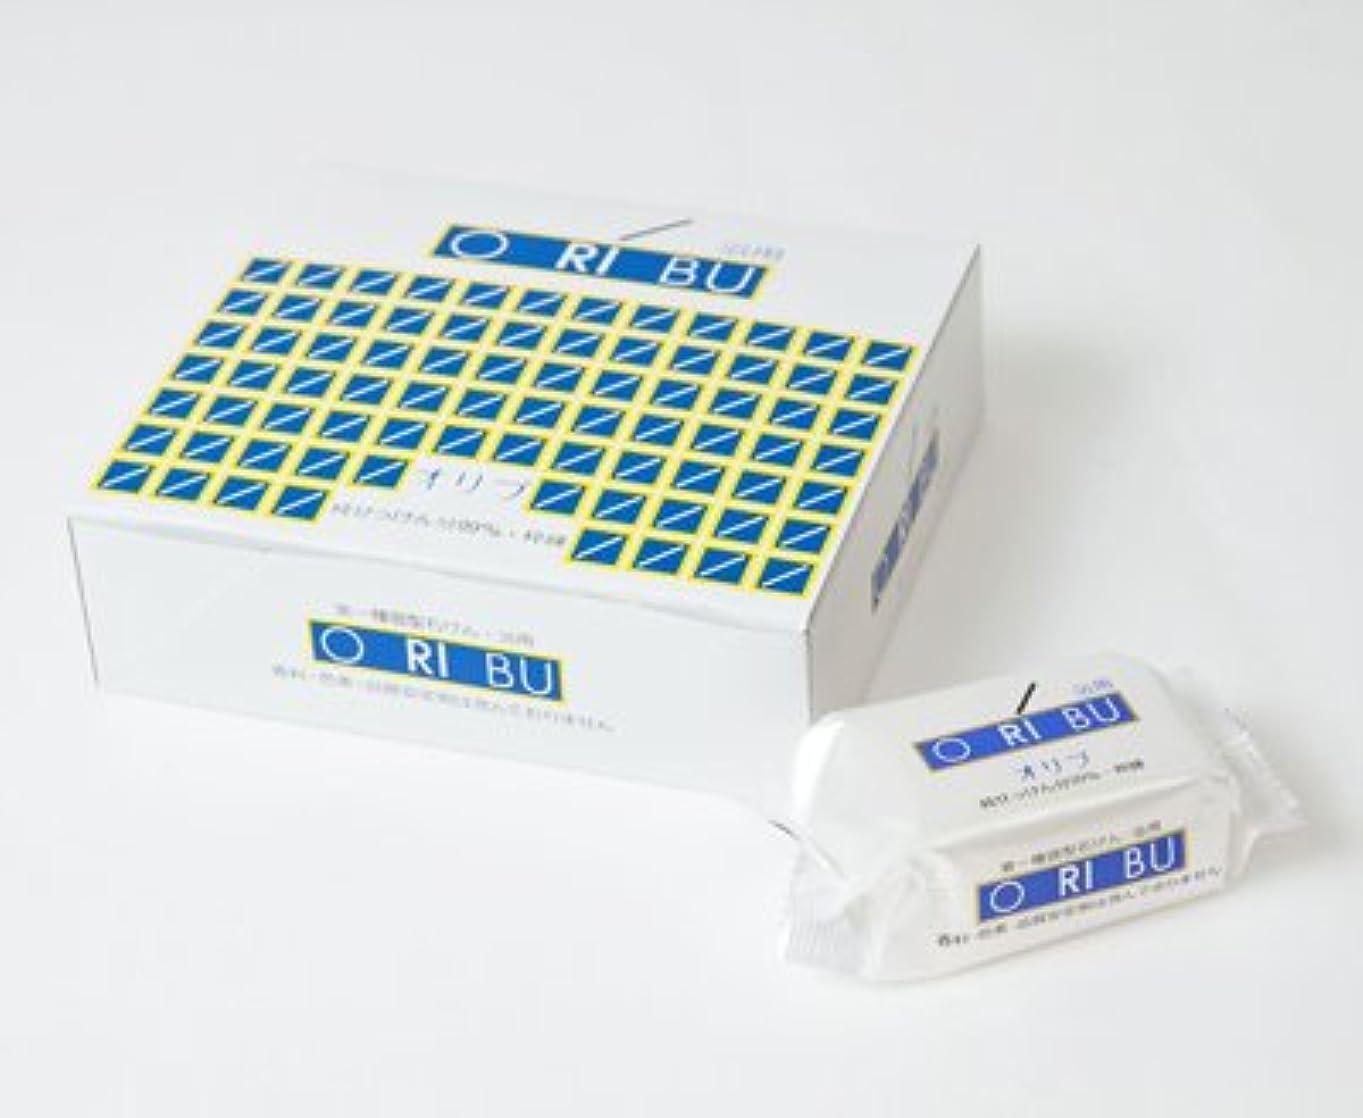 十一満足熟読する暁石鹸 ORIBU オリブ浴用石けん 1箱 (110g×10個入) 泡立てネット付き